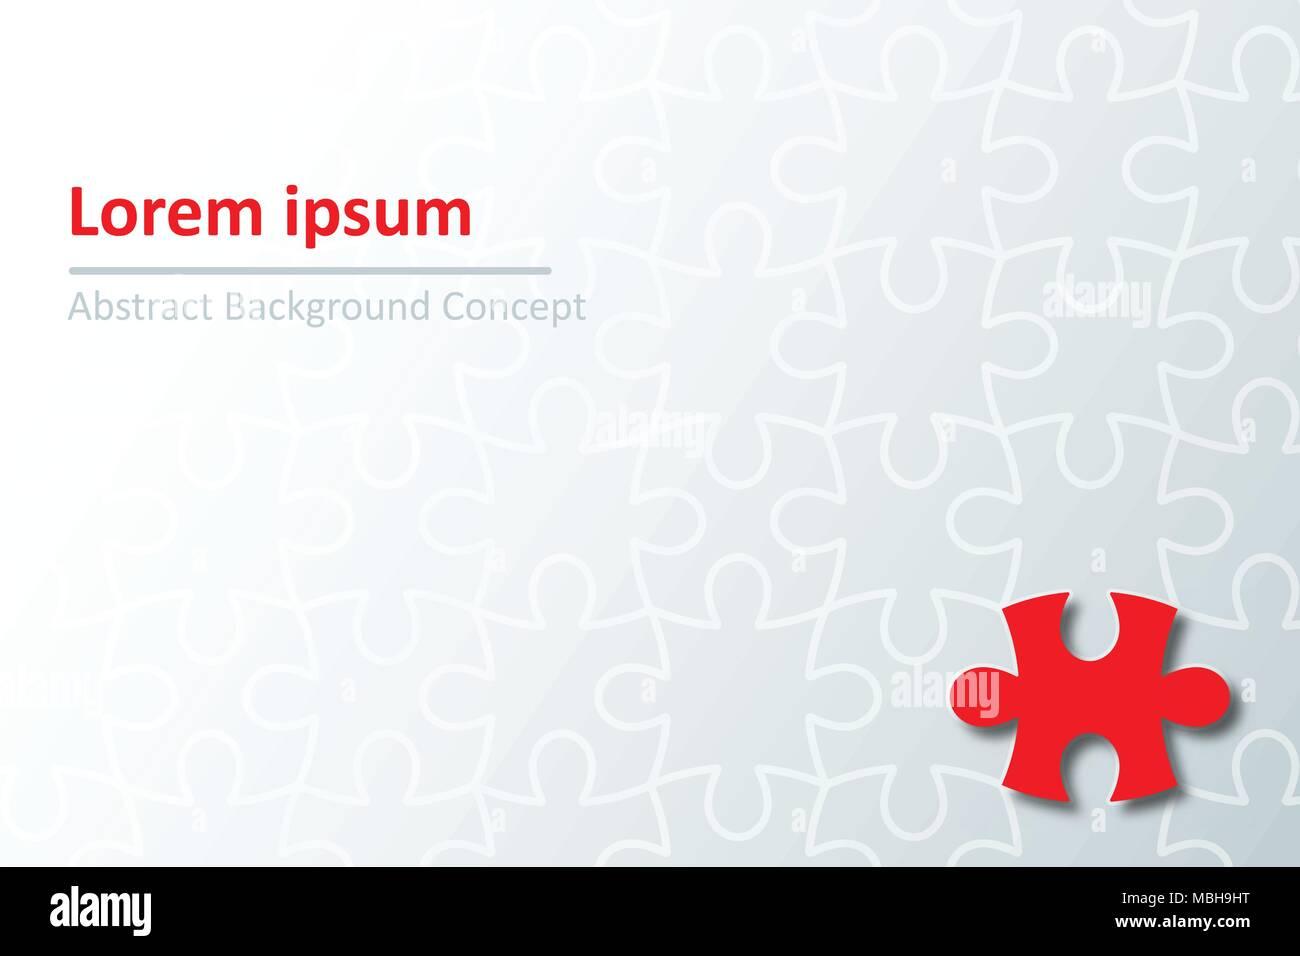 Pièce rouge papier coupé de puzzle puzzle contour de résumé pour l'idée d'arrière-plan graphique concept design Illustration de Vecteur